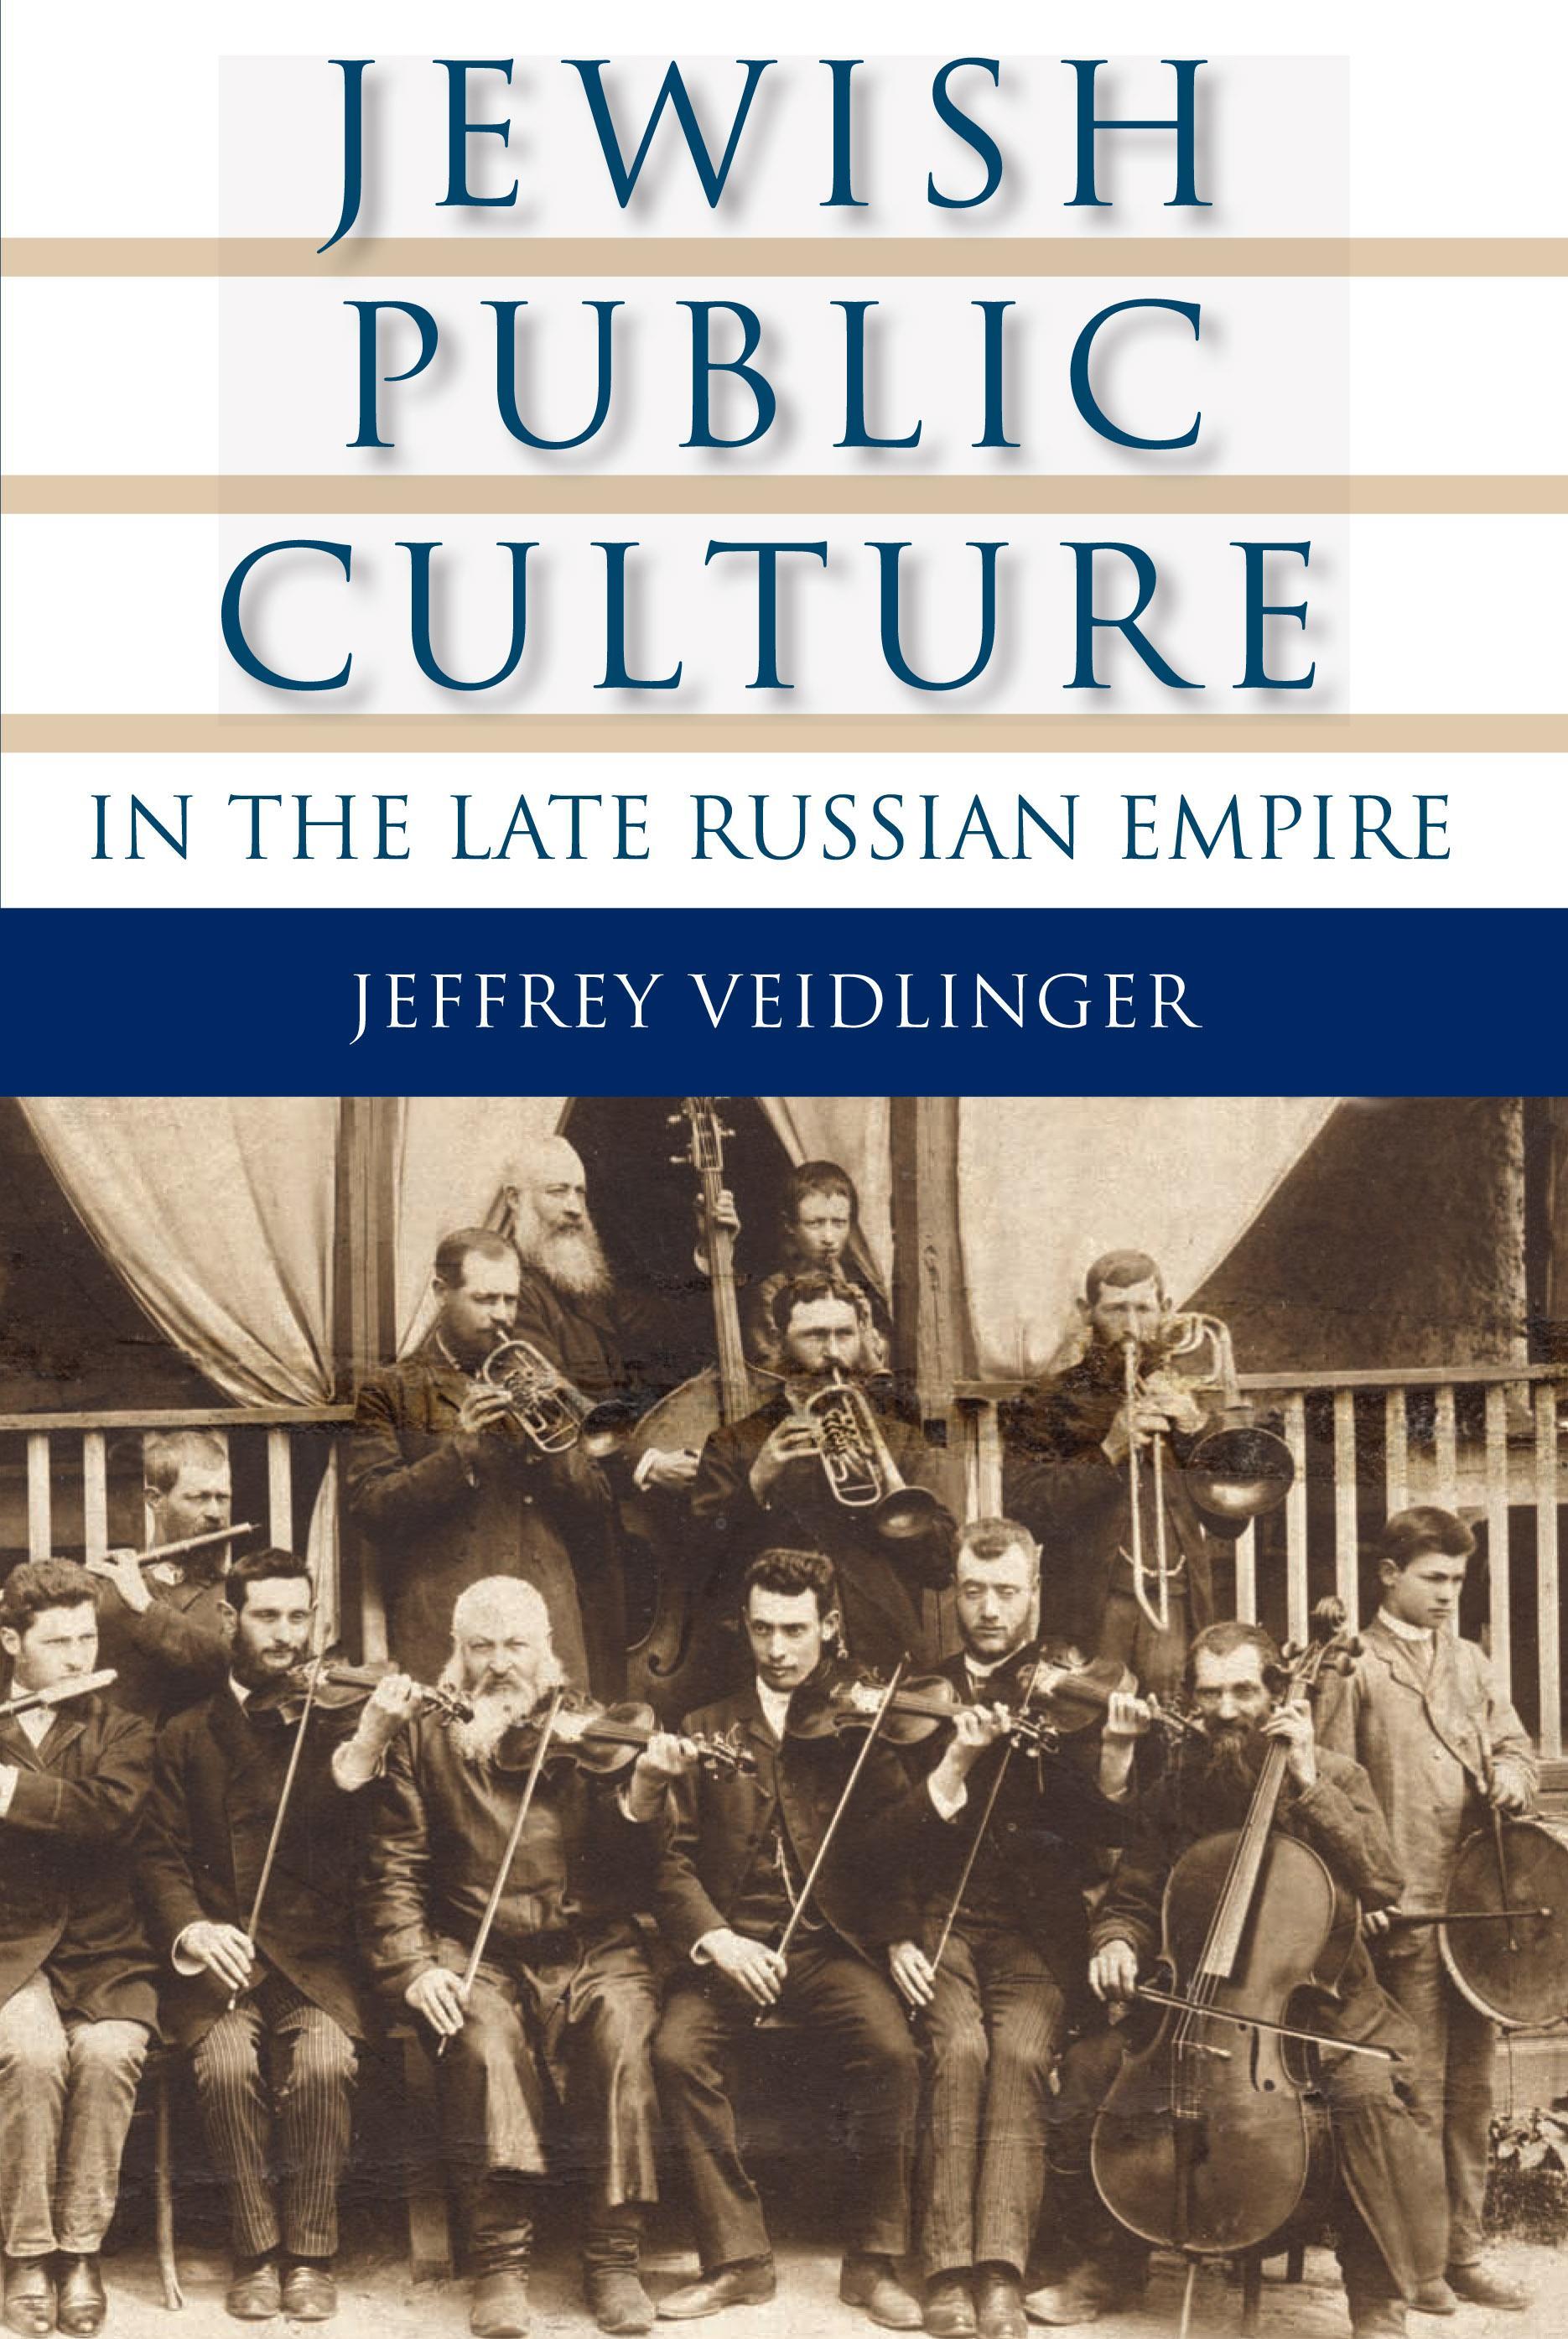 Jewish Public Culture in the Late Russian Empire EB9780253002983